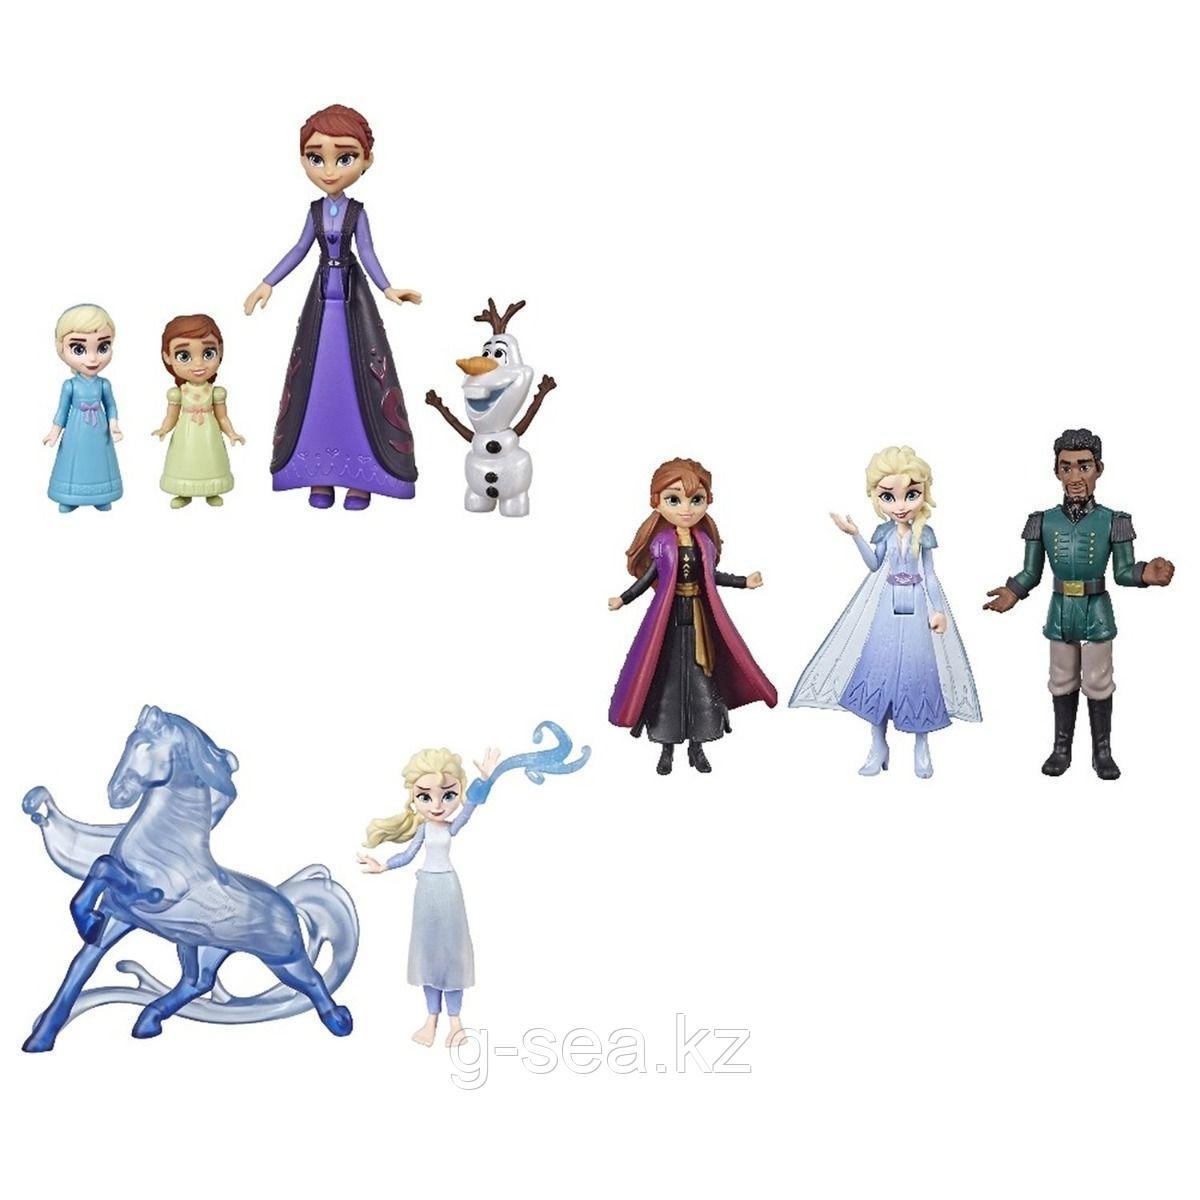 Disney Frozen: Игровой набор Холодное сердце 2 делюкс в ассортименте